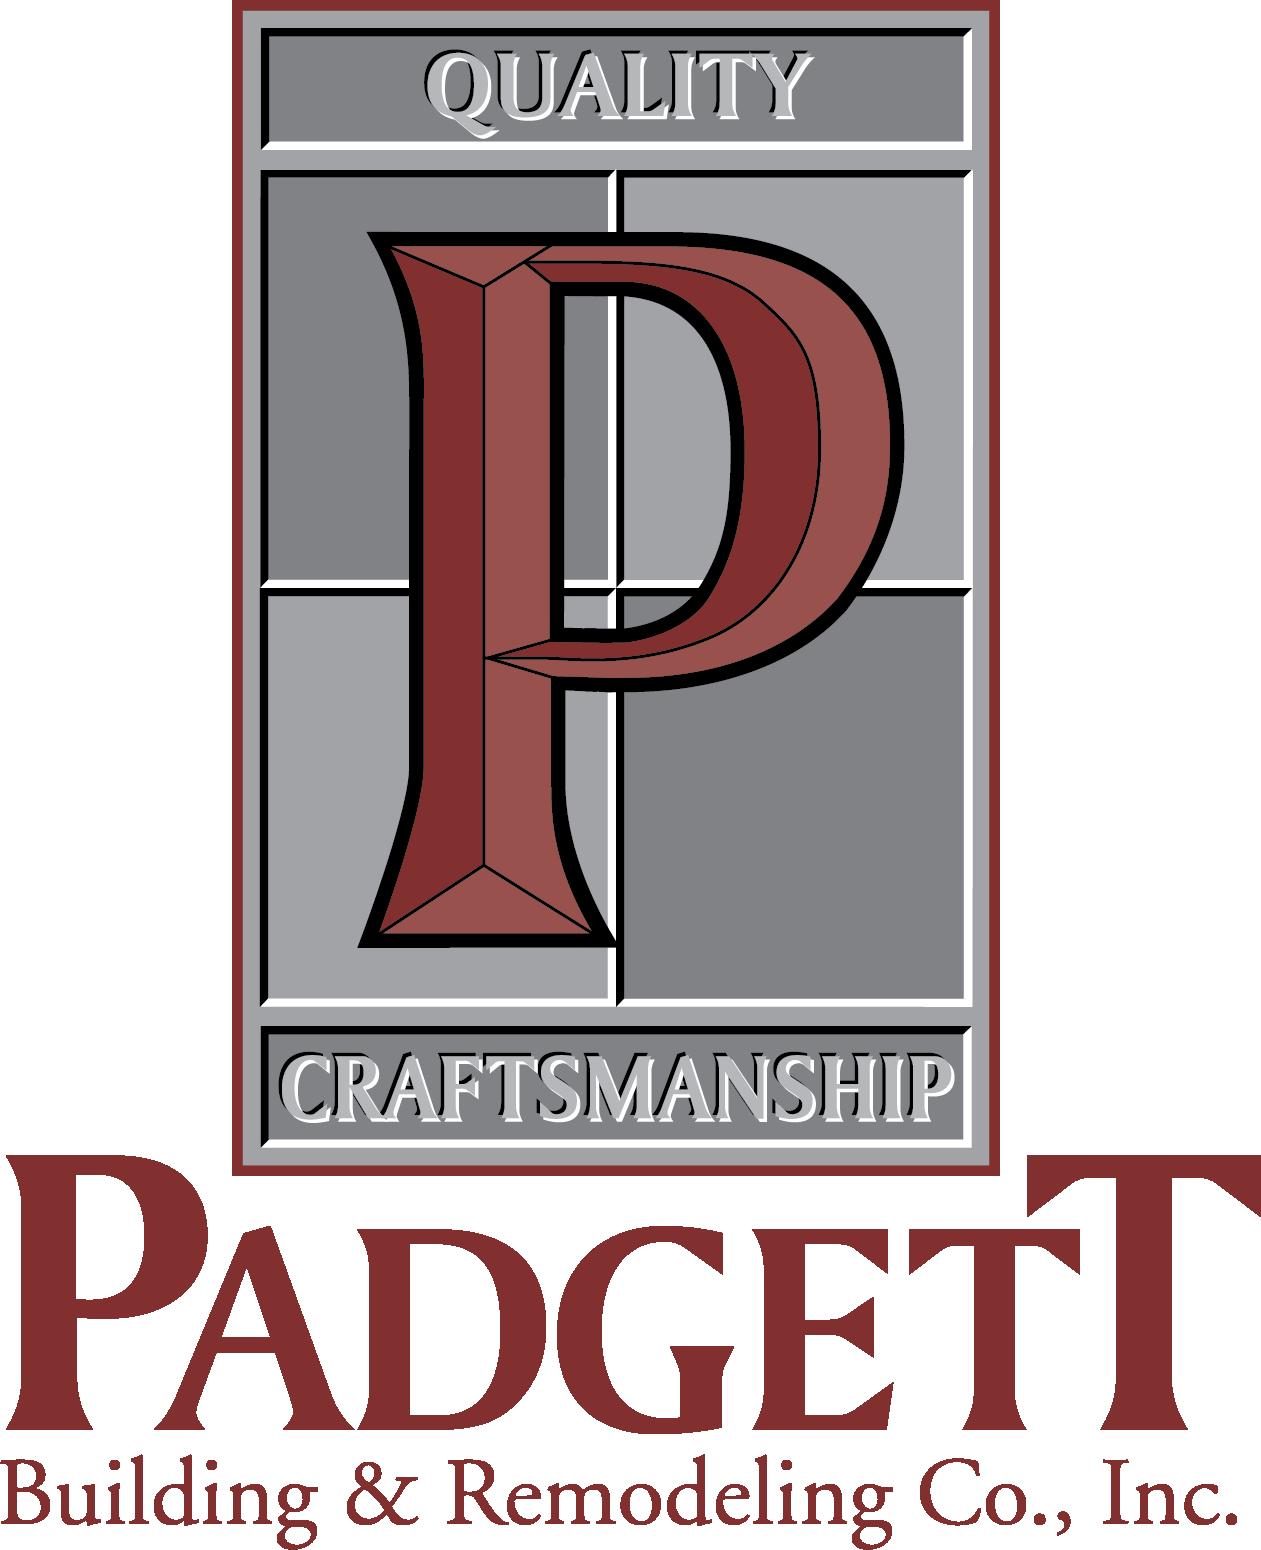 Padgett Building